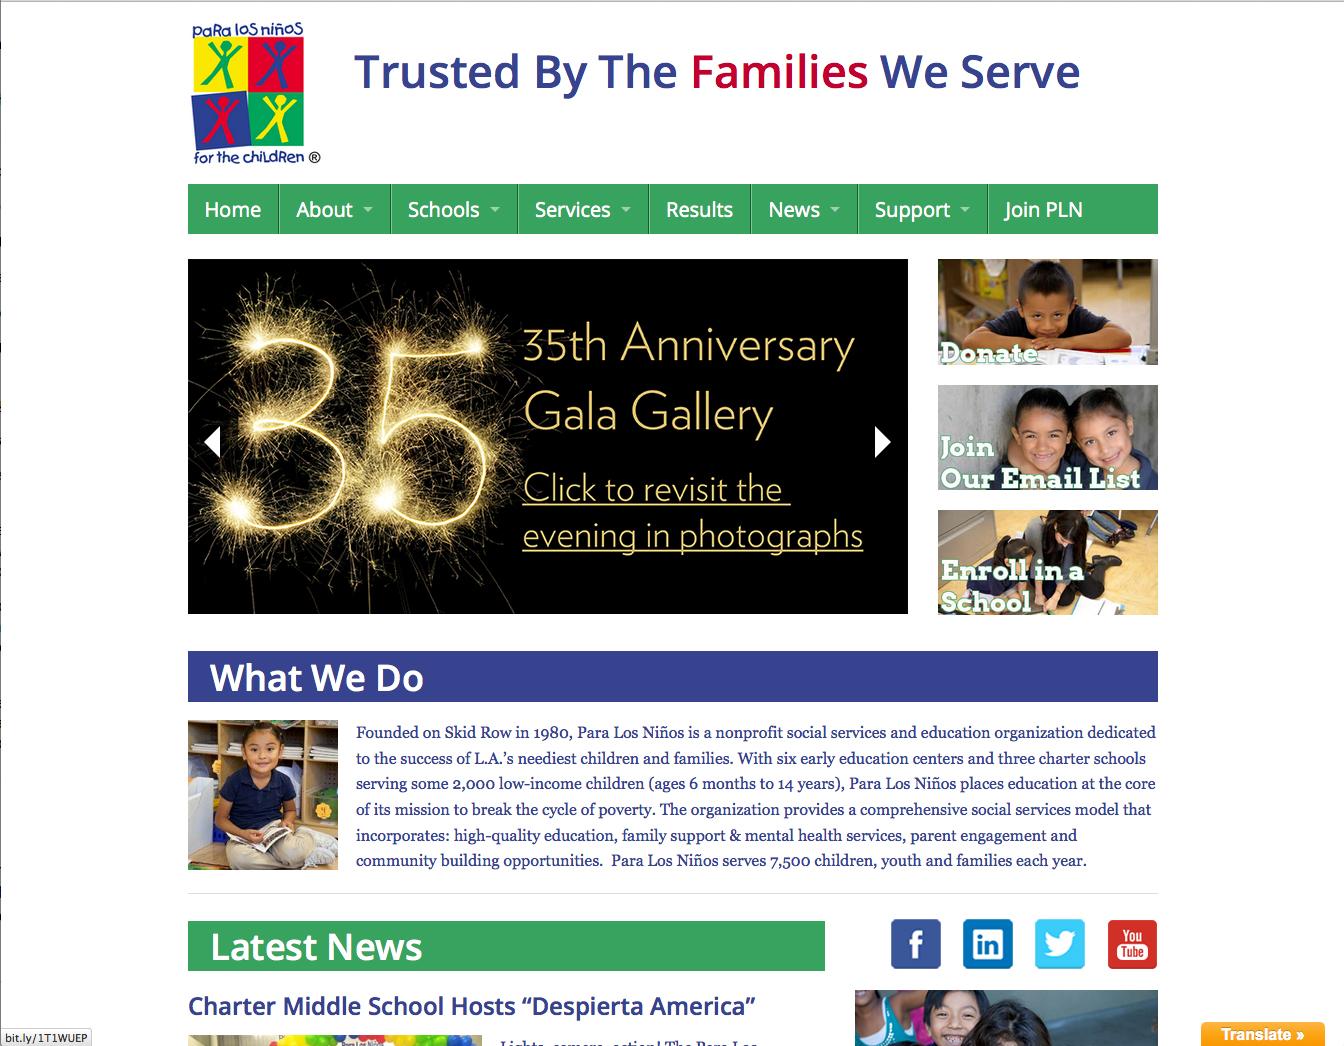 Beasley as website design company showing Para Los Ninos' home page